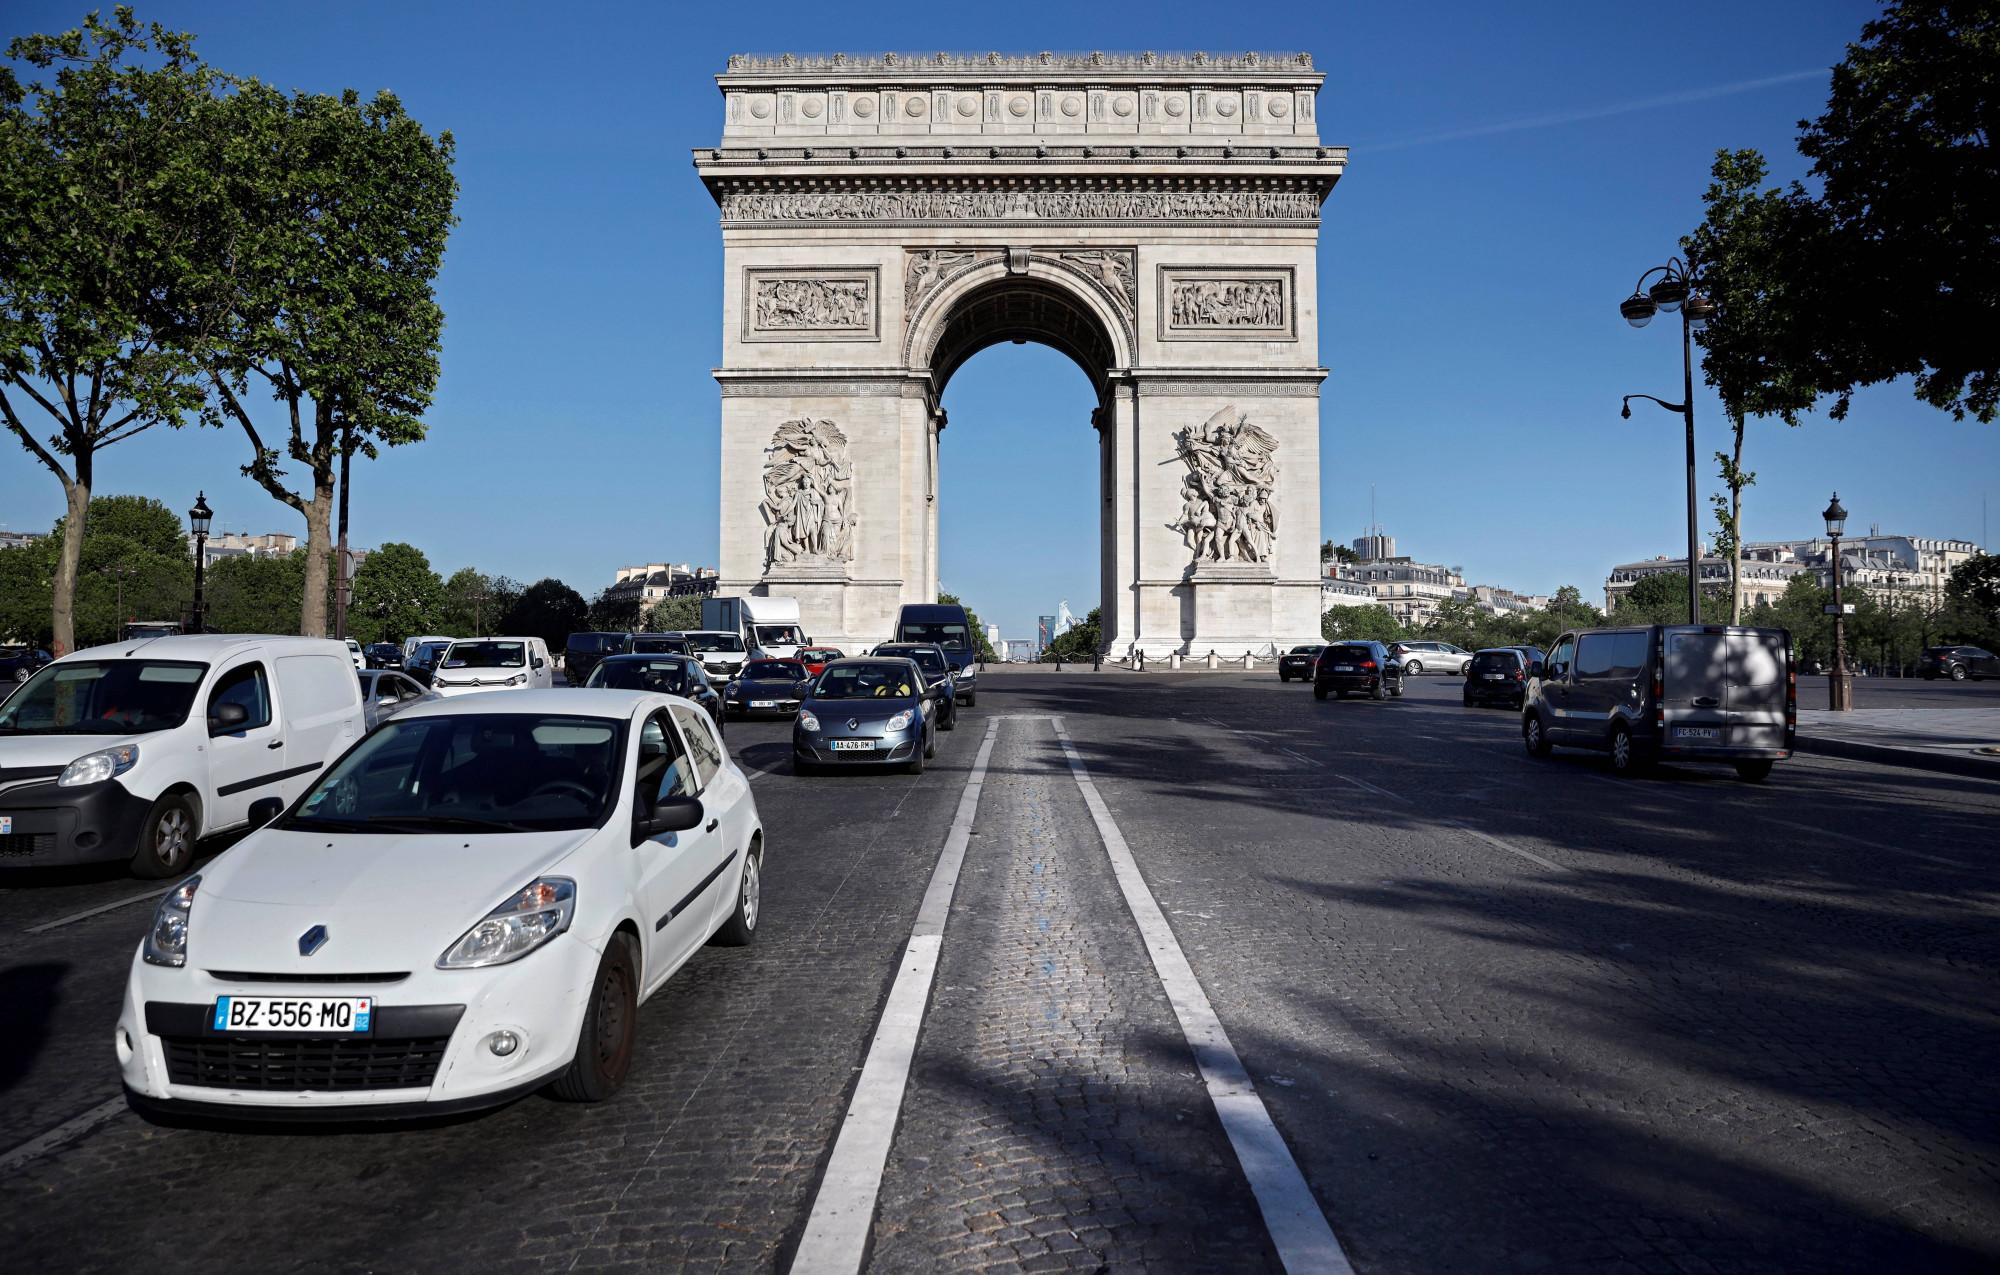 ممنوع تجاوز سرعة 30 كم في عاصمة فرنسا